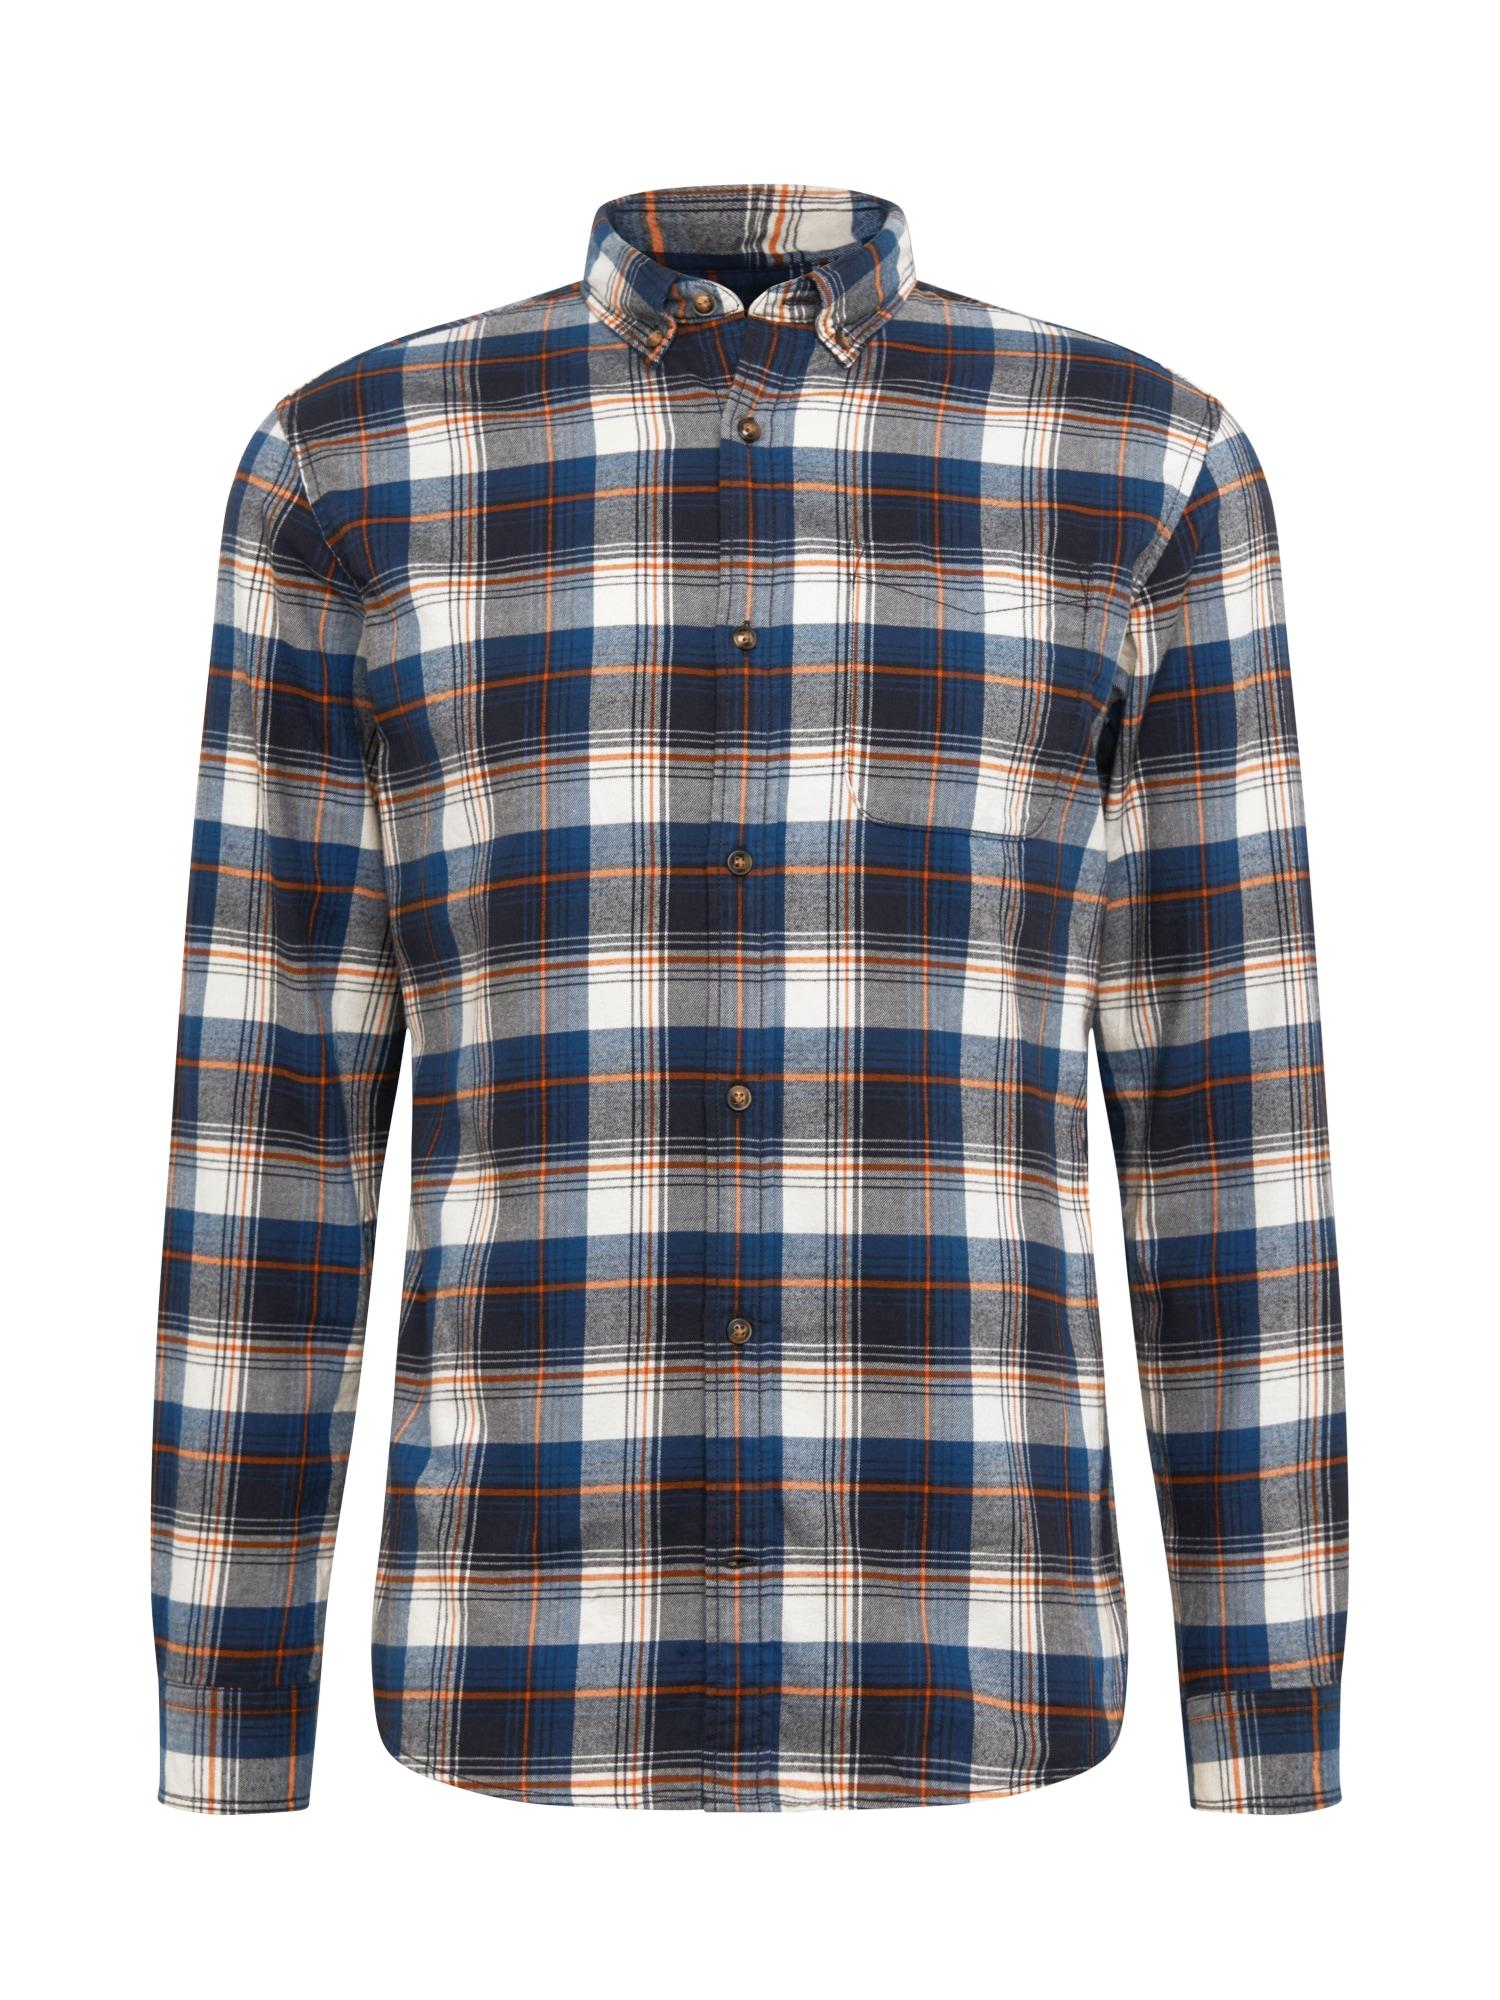 JACK & JONES Marškiniai šviesiai pilka / balta / tamsiai oranžinė / tamsiai mėlyna / nakties mėlyna